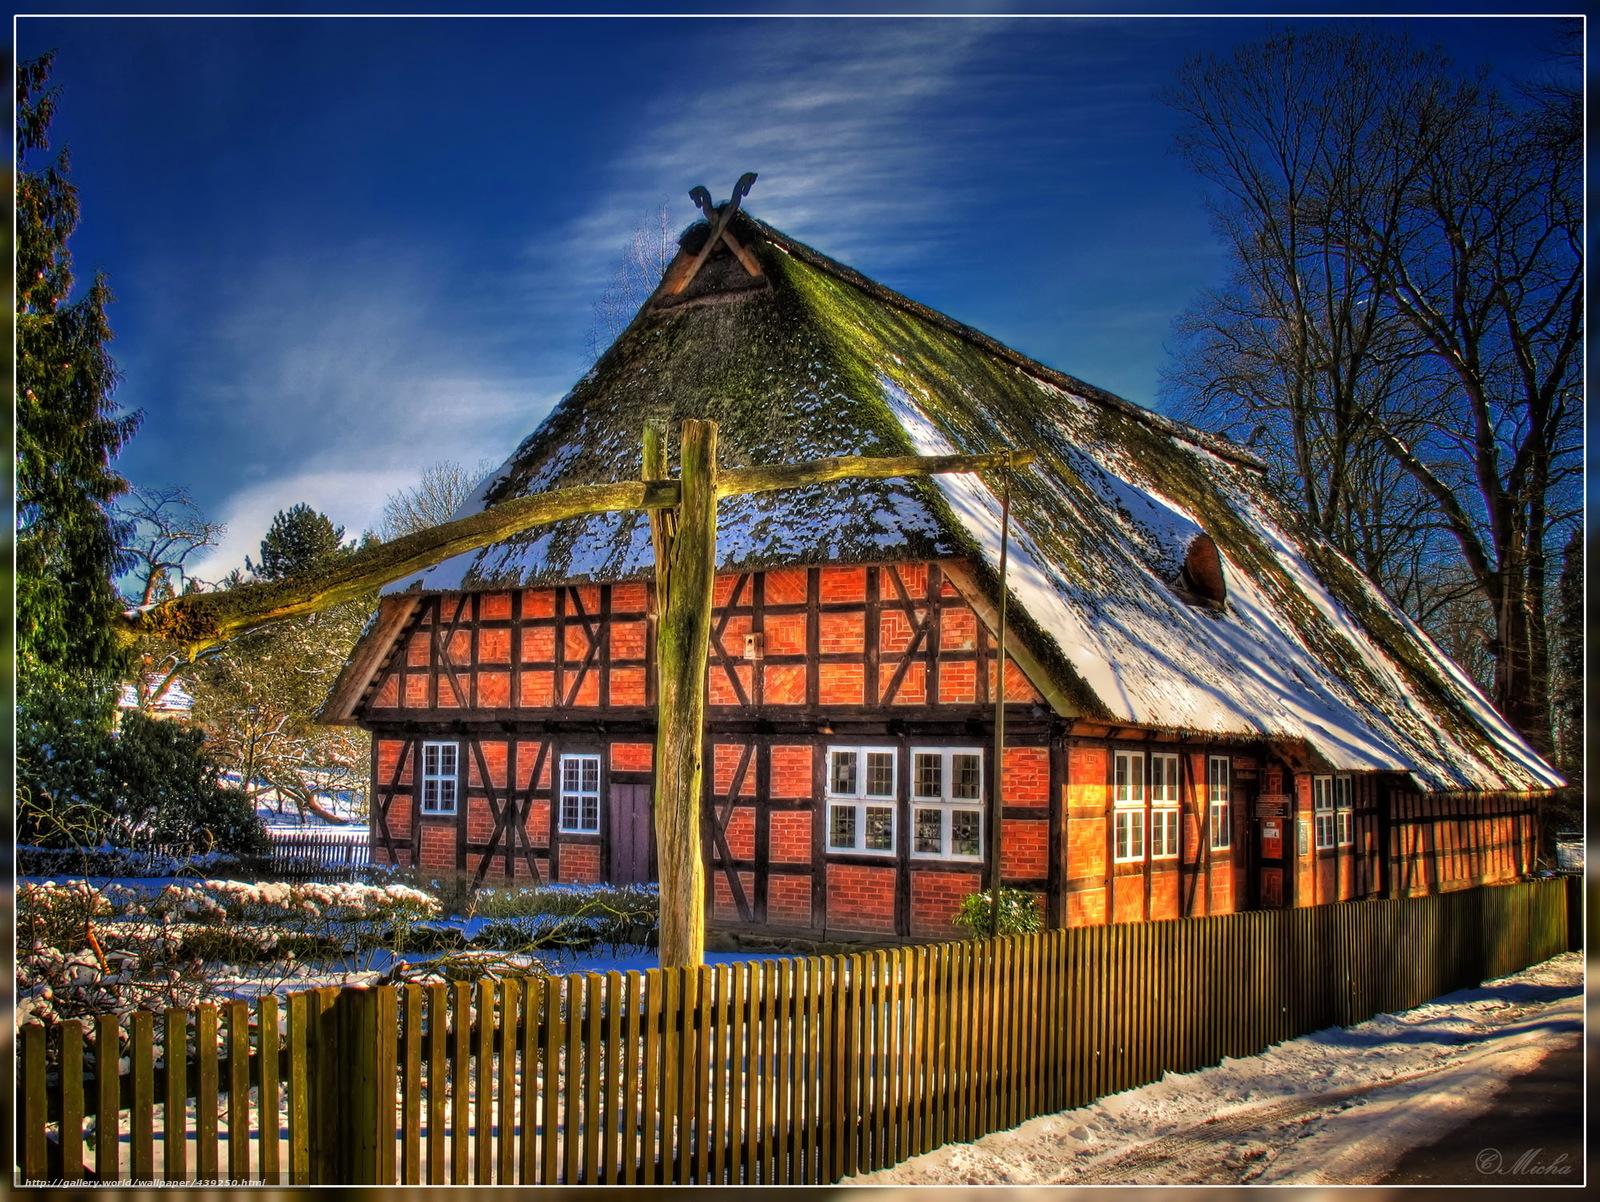 Скачать обои Германия,  Дома,  Нижняя Саксония,  Вальсроде бесплатно для рабочего стола в разрешении 2000x1502 — картинка №439250